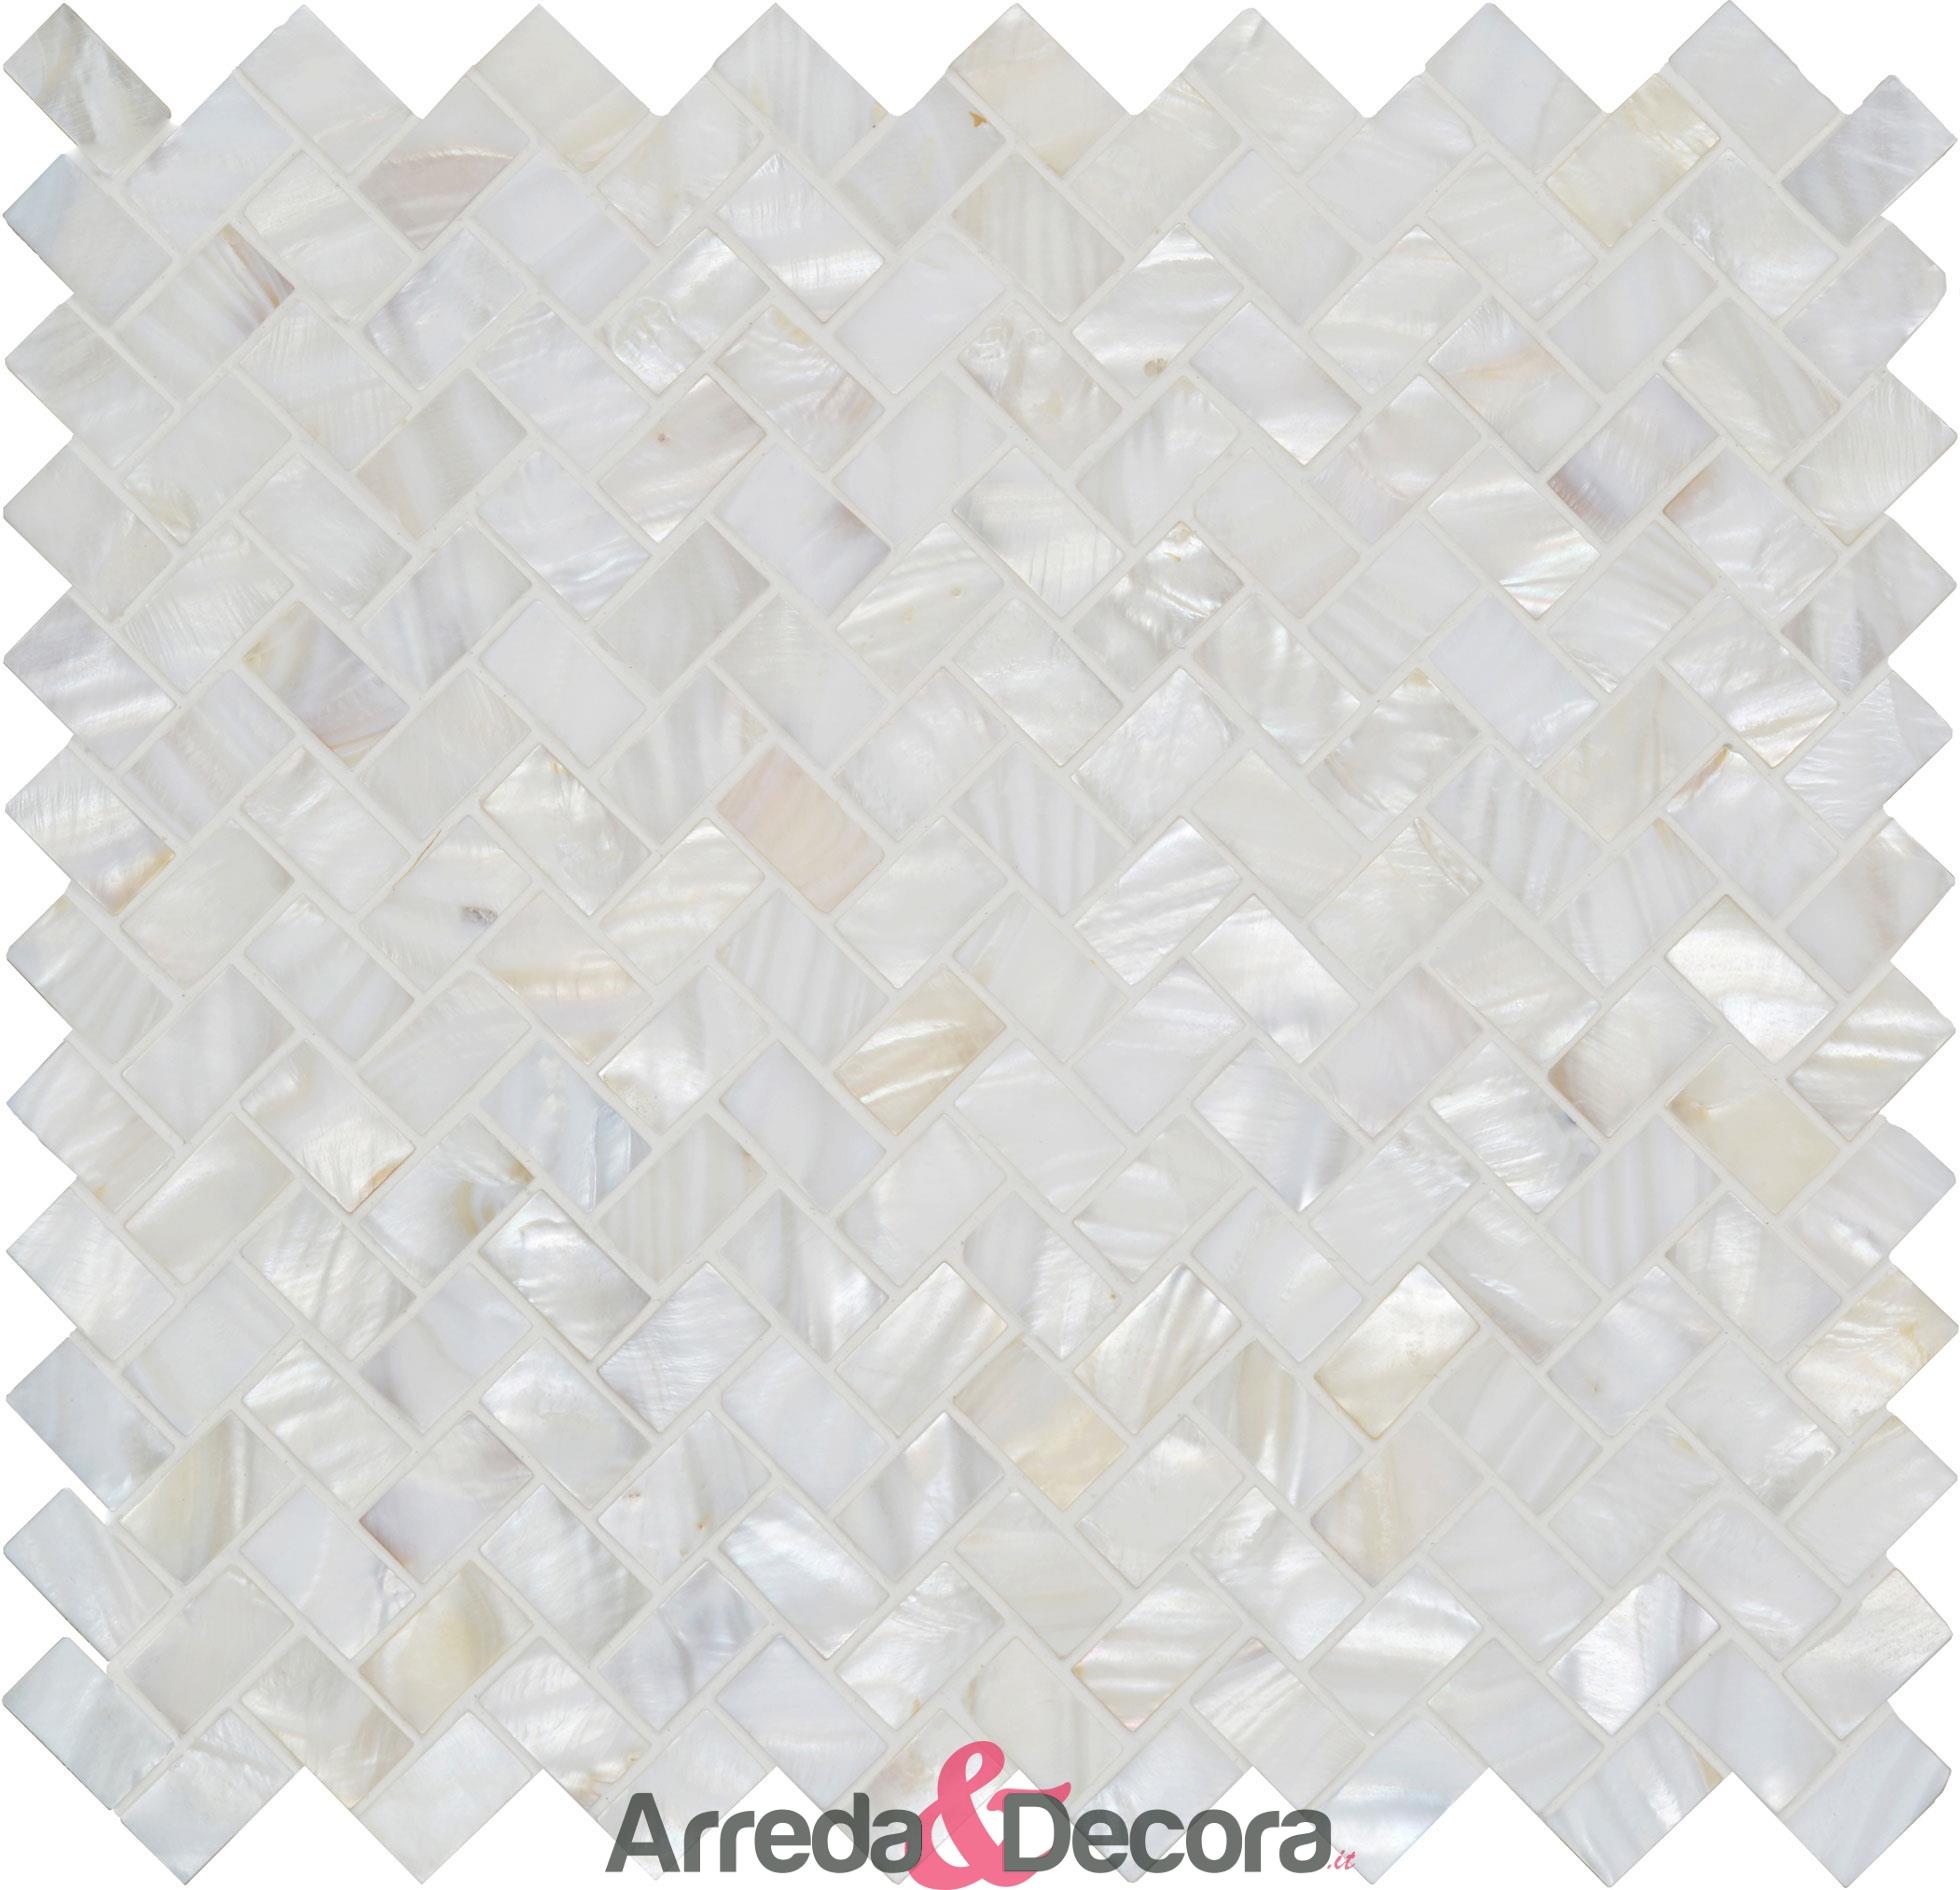 mosaico-effetto-conchiglia-testavanti